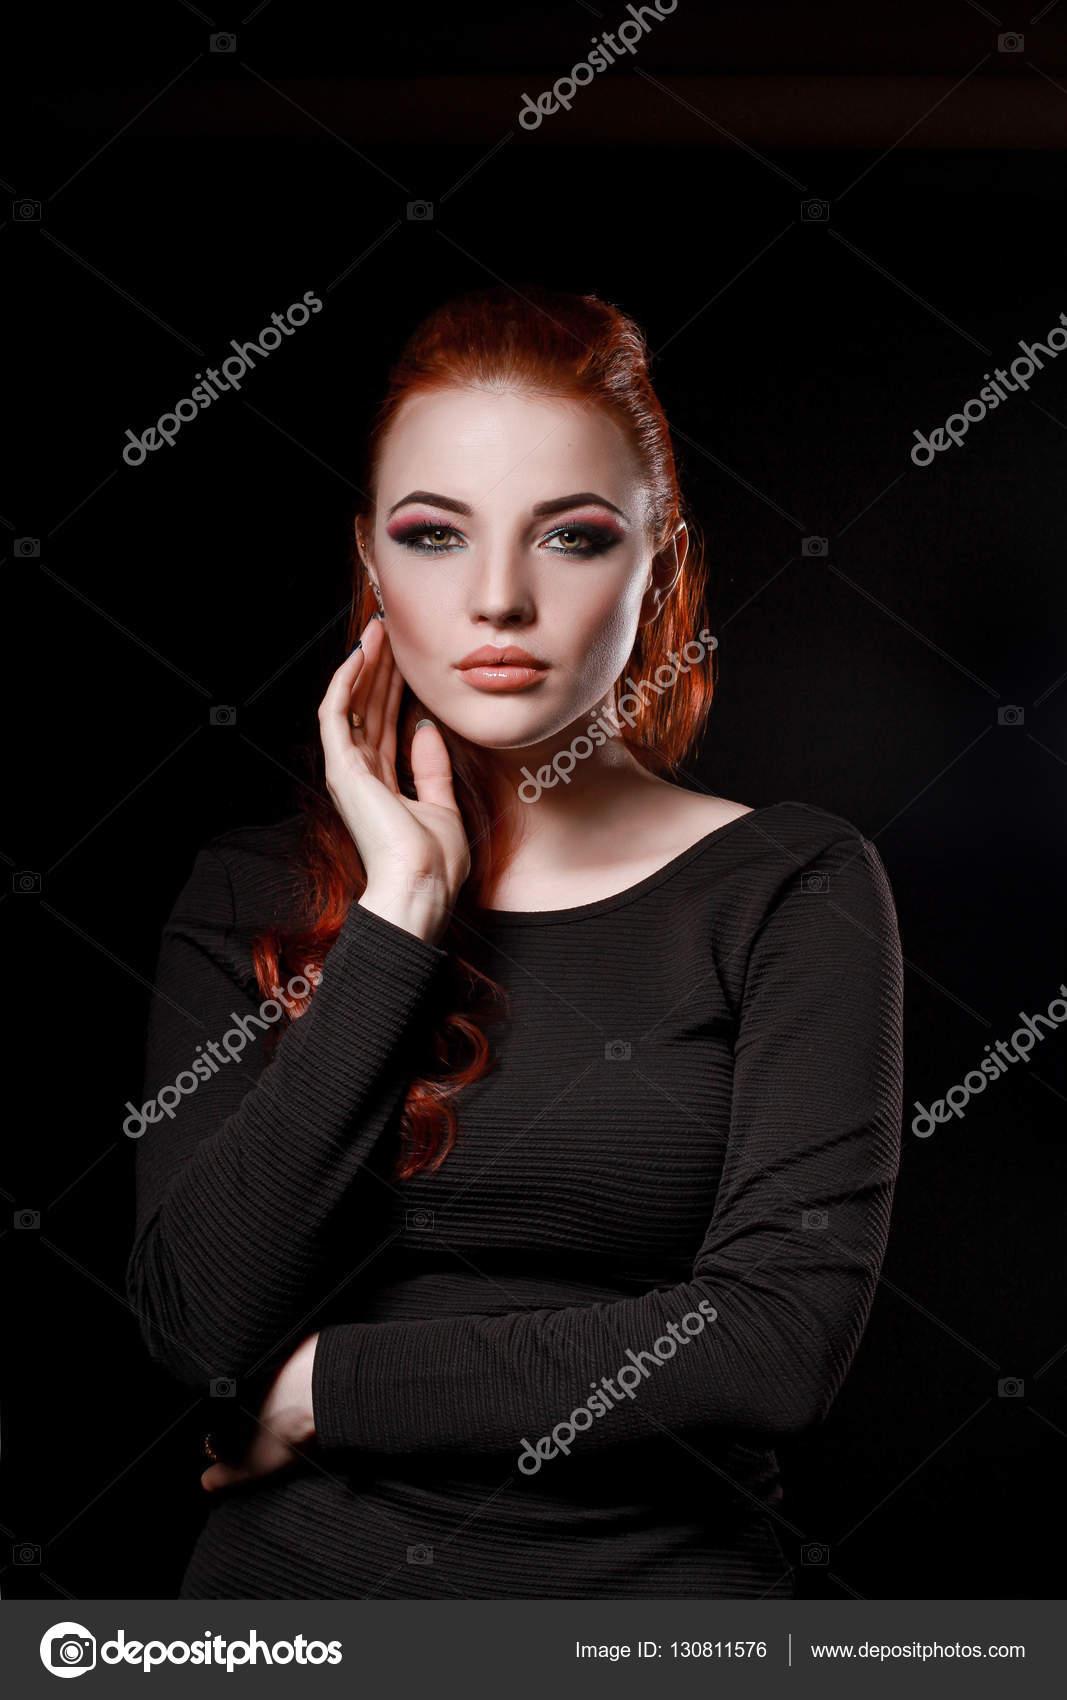 Фото девушек в черном платье на черном фоне